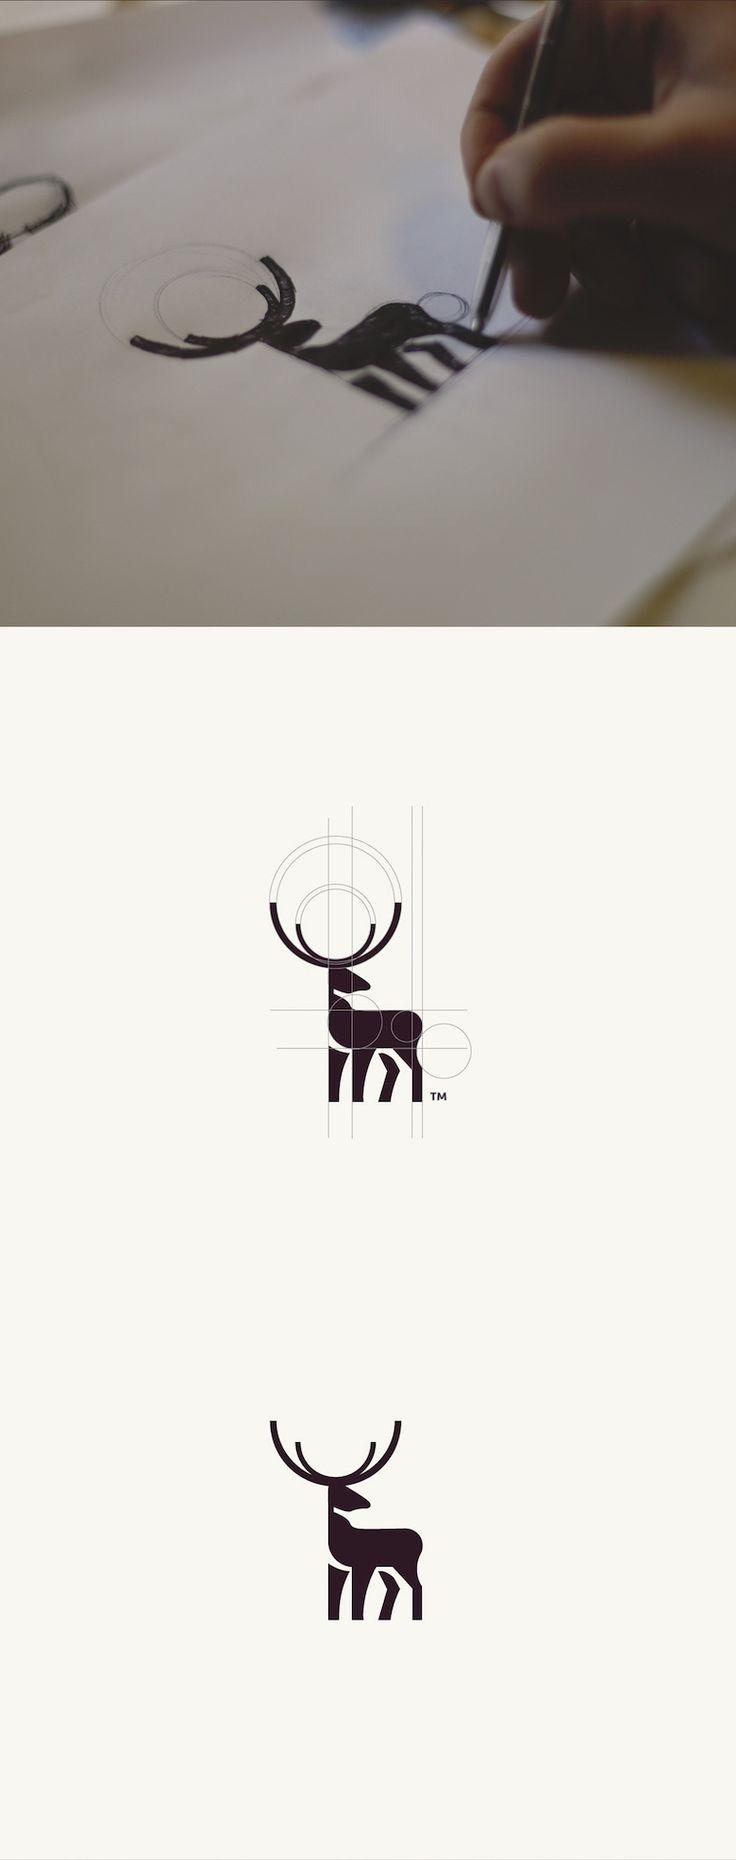 colourful-animal-logos-golden-ratio-2                                                                                                                                                                                 More